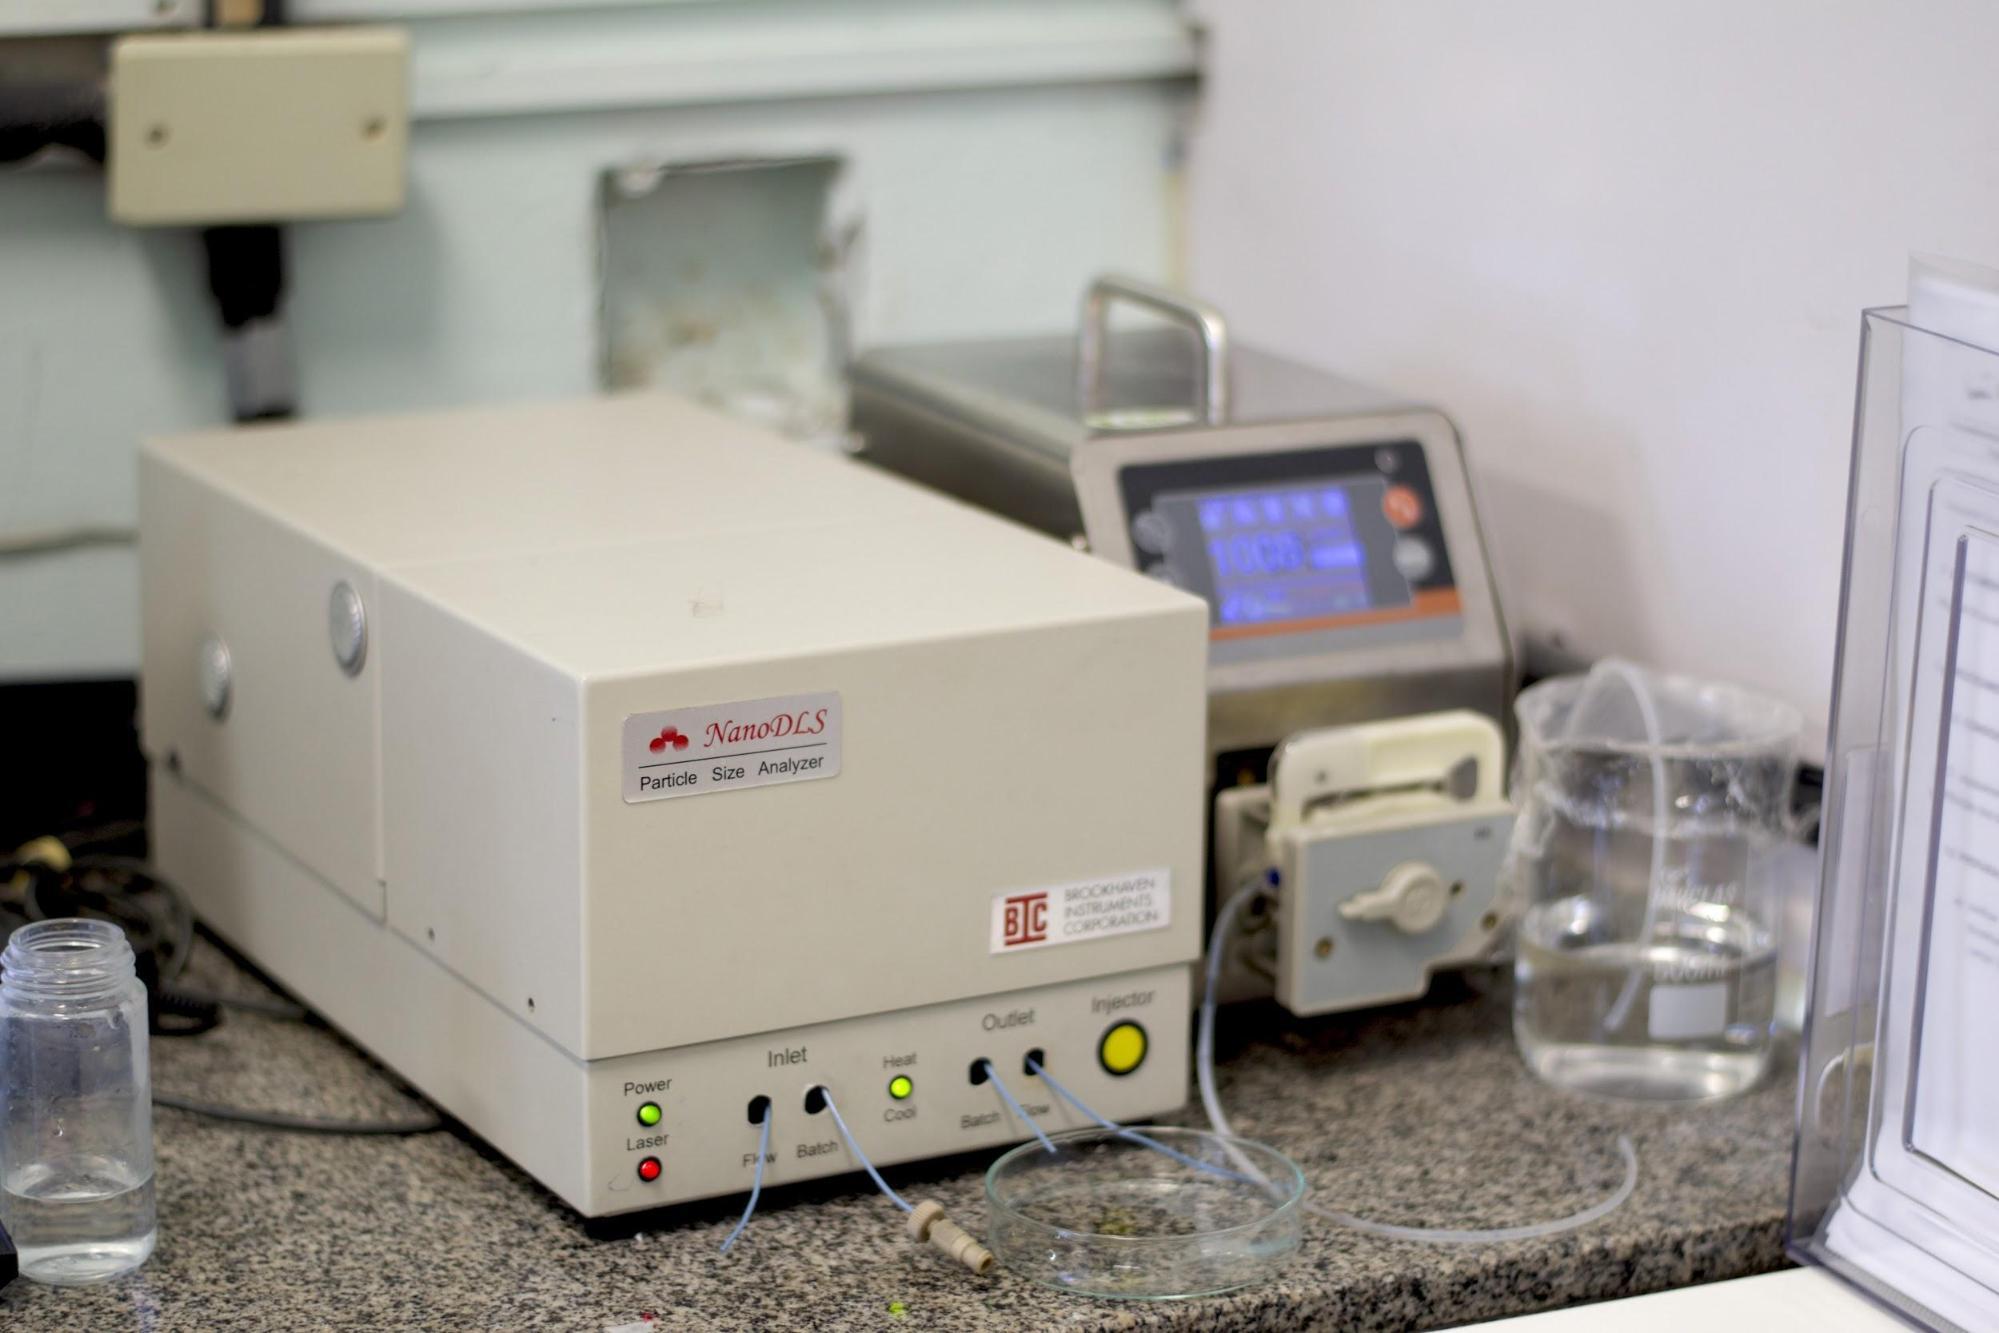 Figura 1: Equipamento NANO DLS Particle Size Analyzer da BrookHaven Instruments.</br>FONTE: BIOPOL (2020).